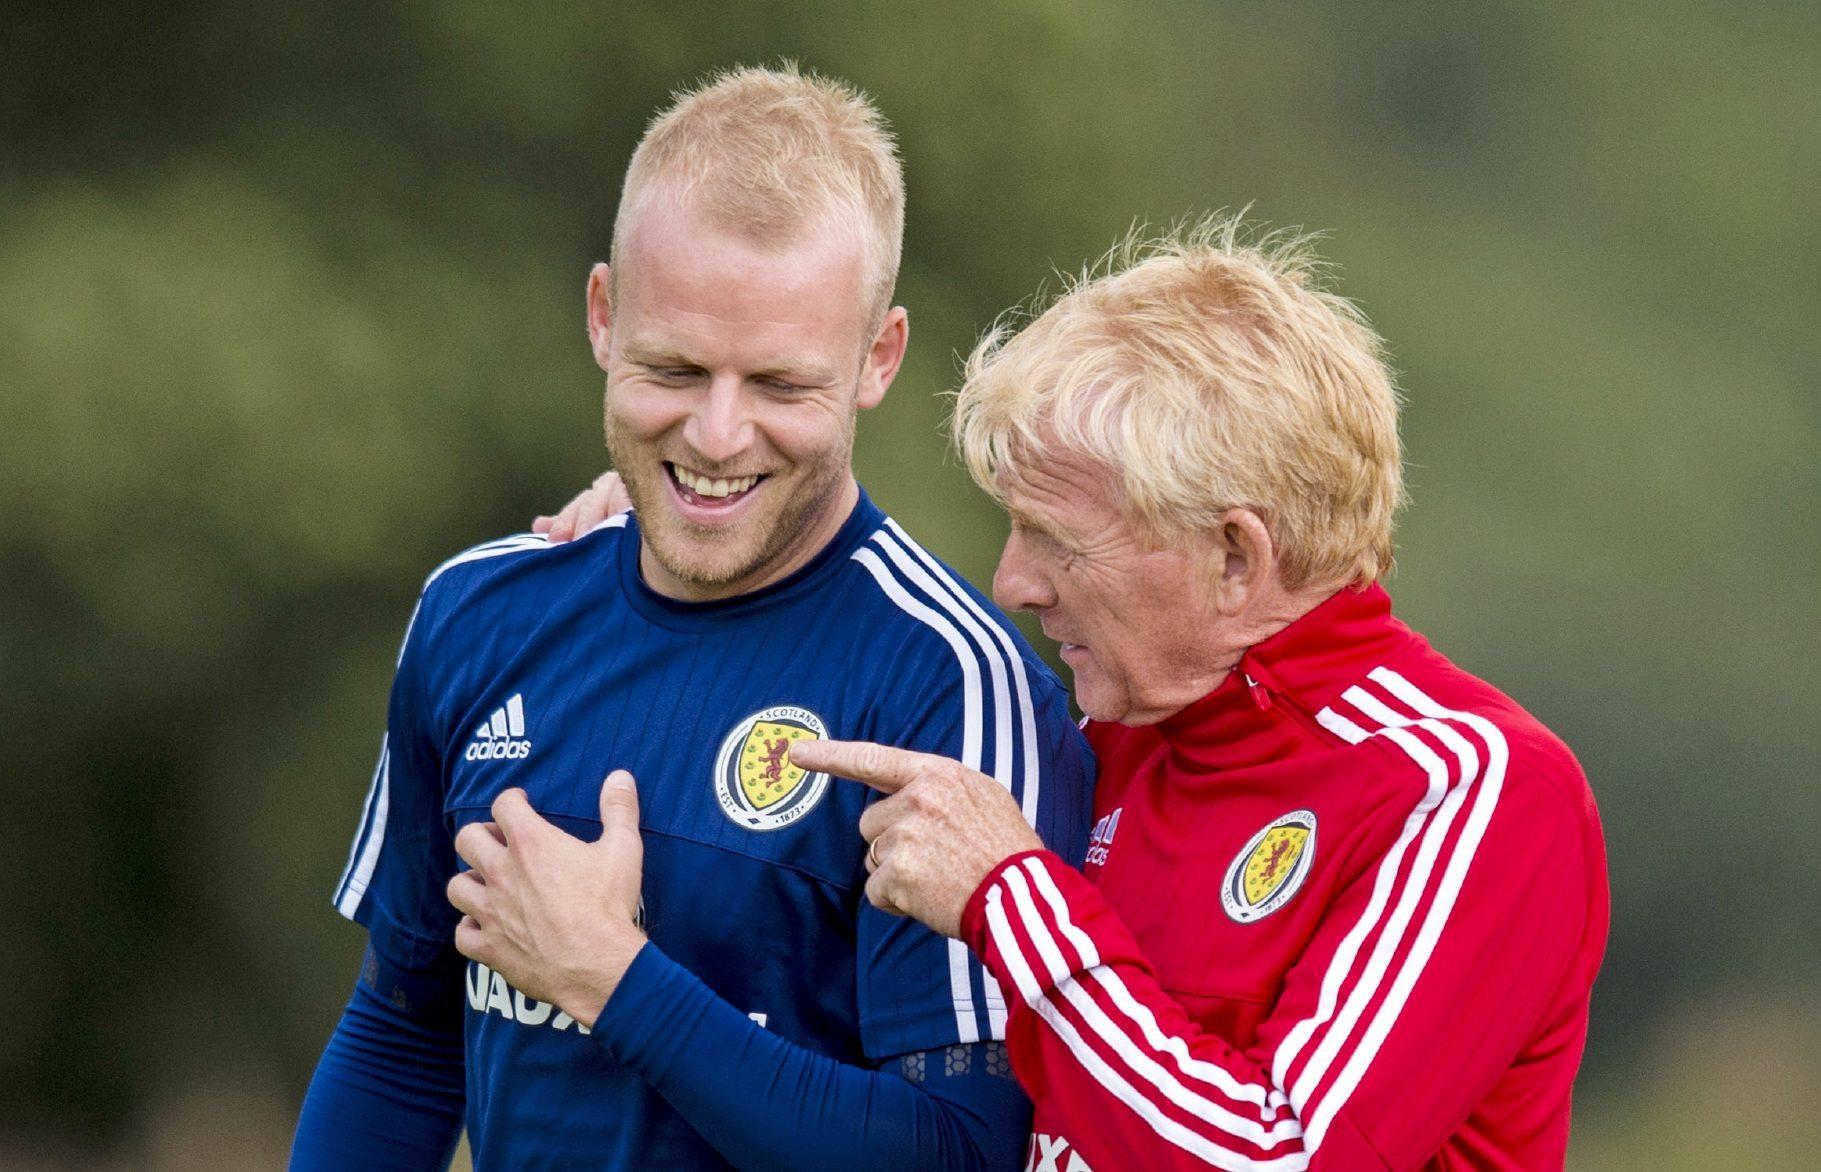 Steven Naismith with Scotland boss Gordon Strachan.